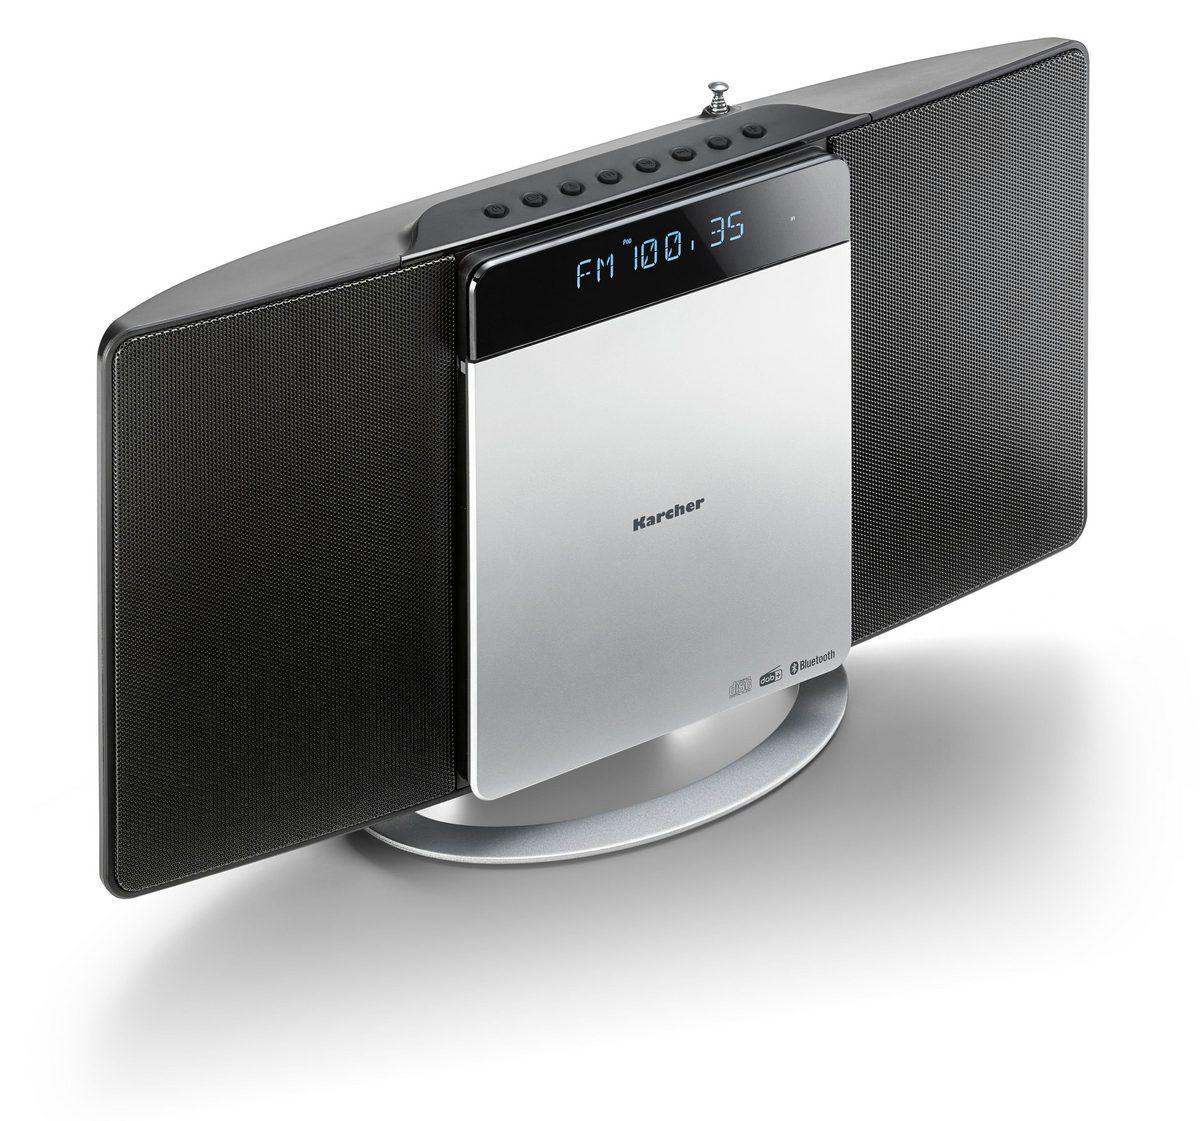 Karcher MC 6580D Kompaktanlage (mit CD Player, vertikale Stereoanlage, Bluetooth und Wecker, UKW und DAB+